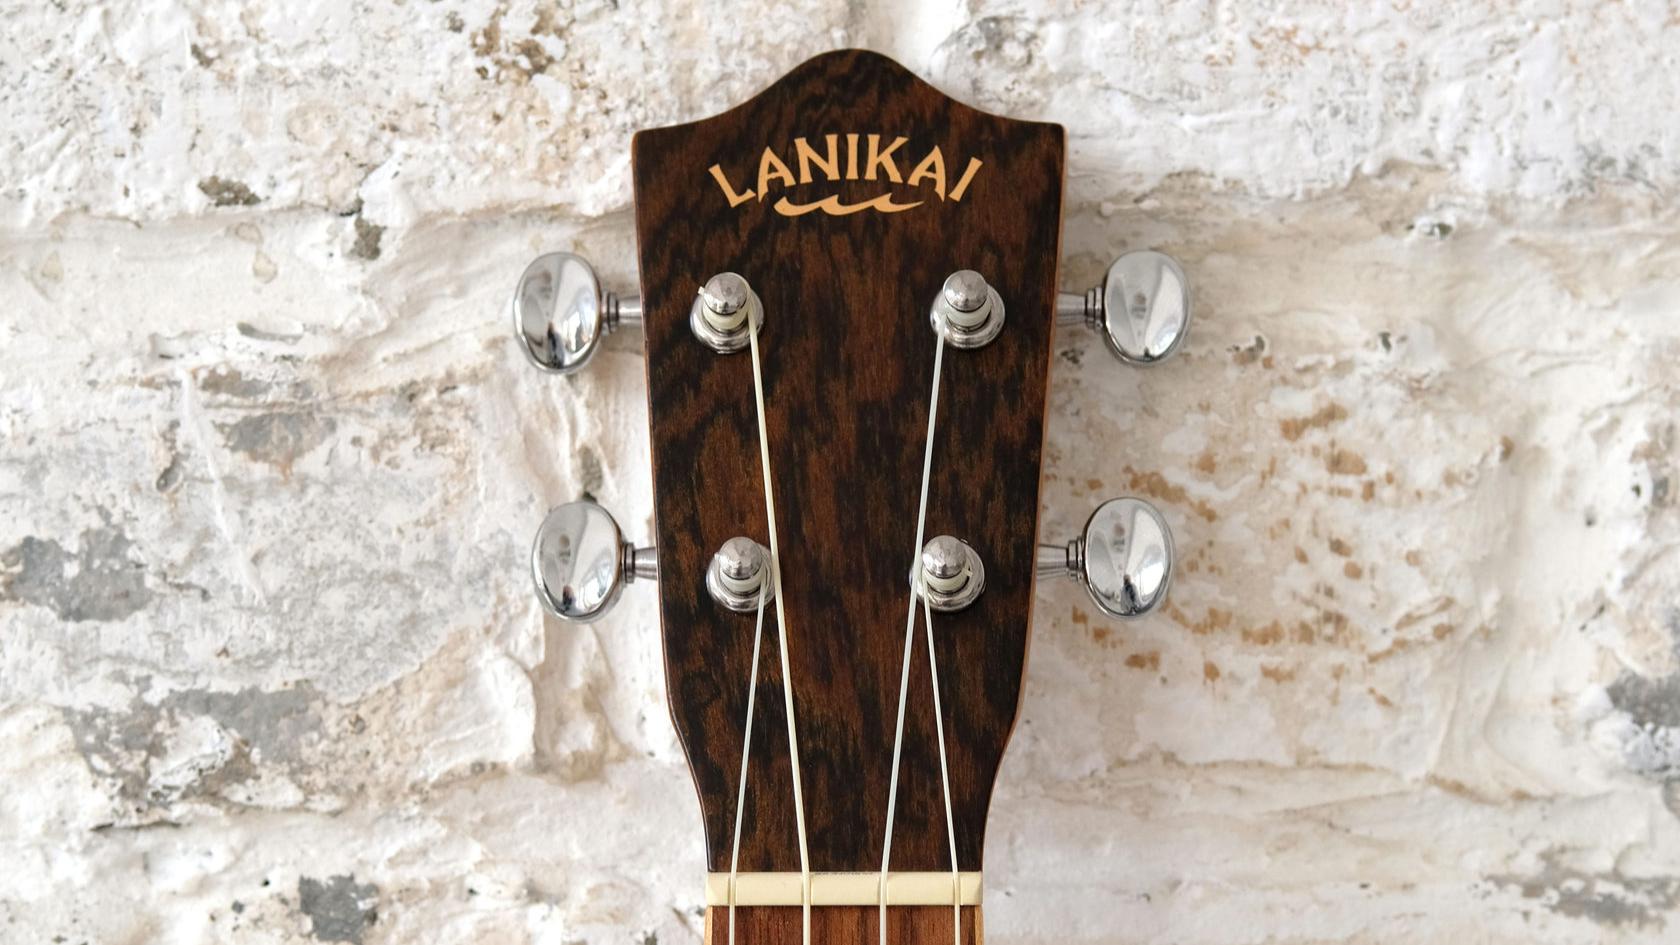 Электроакустическая укулеле концерт Lanikai FB-CETC в тонком корпусе с фирменным чехлом в комплекте, магазин прекрасных укулеле UKELOVERS, укулела, ukulele concert